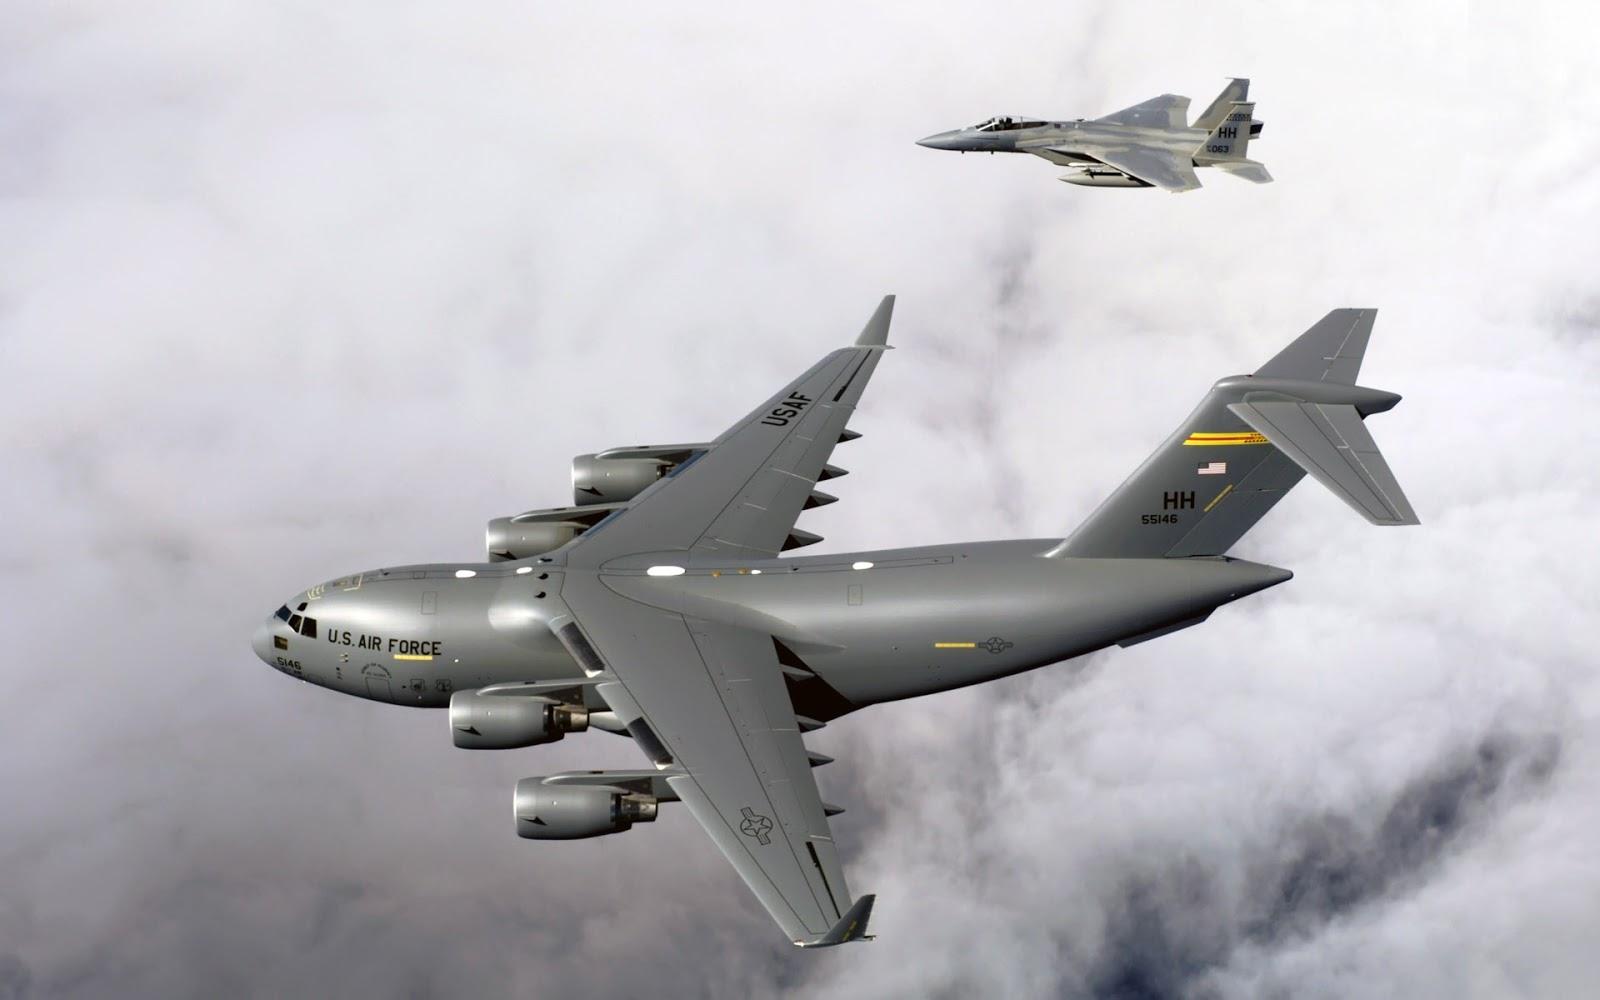 http://4.bp.blogspot.com/-yEGbYBkdA3g/UOCCchmQl8I/AAAAAAAAIf0/OwBeXpWadCI/s1600/War+Airplane+(20).jpg